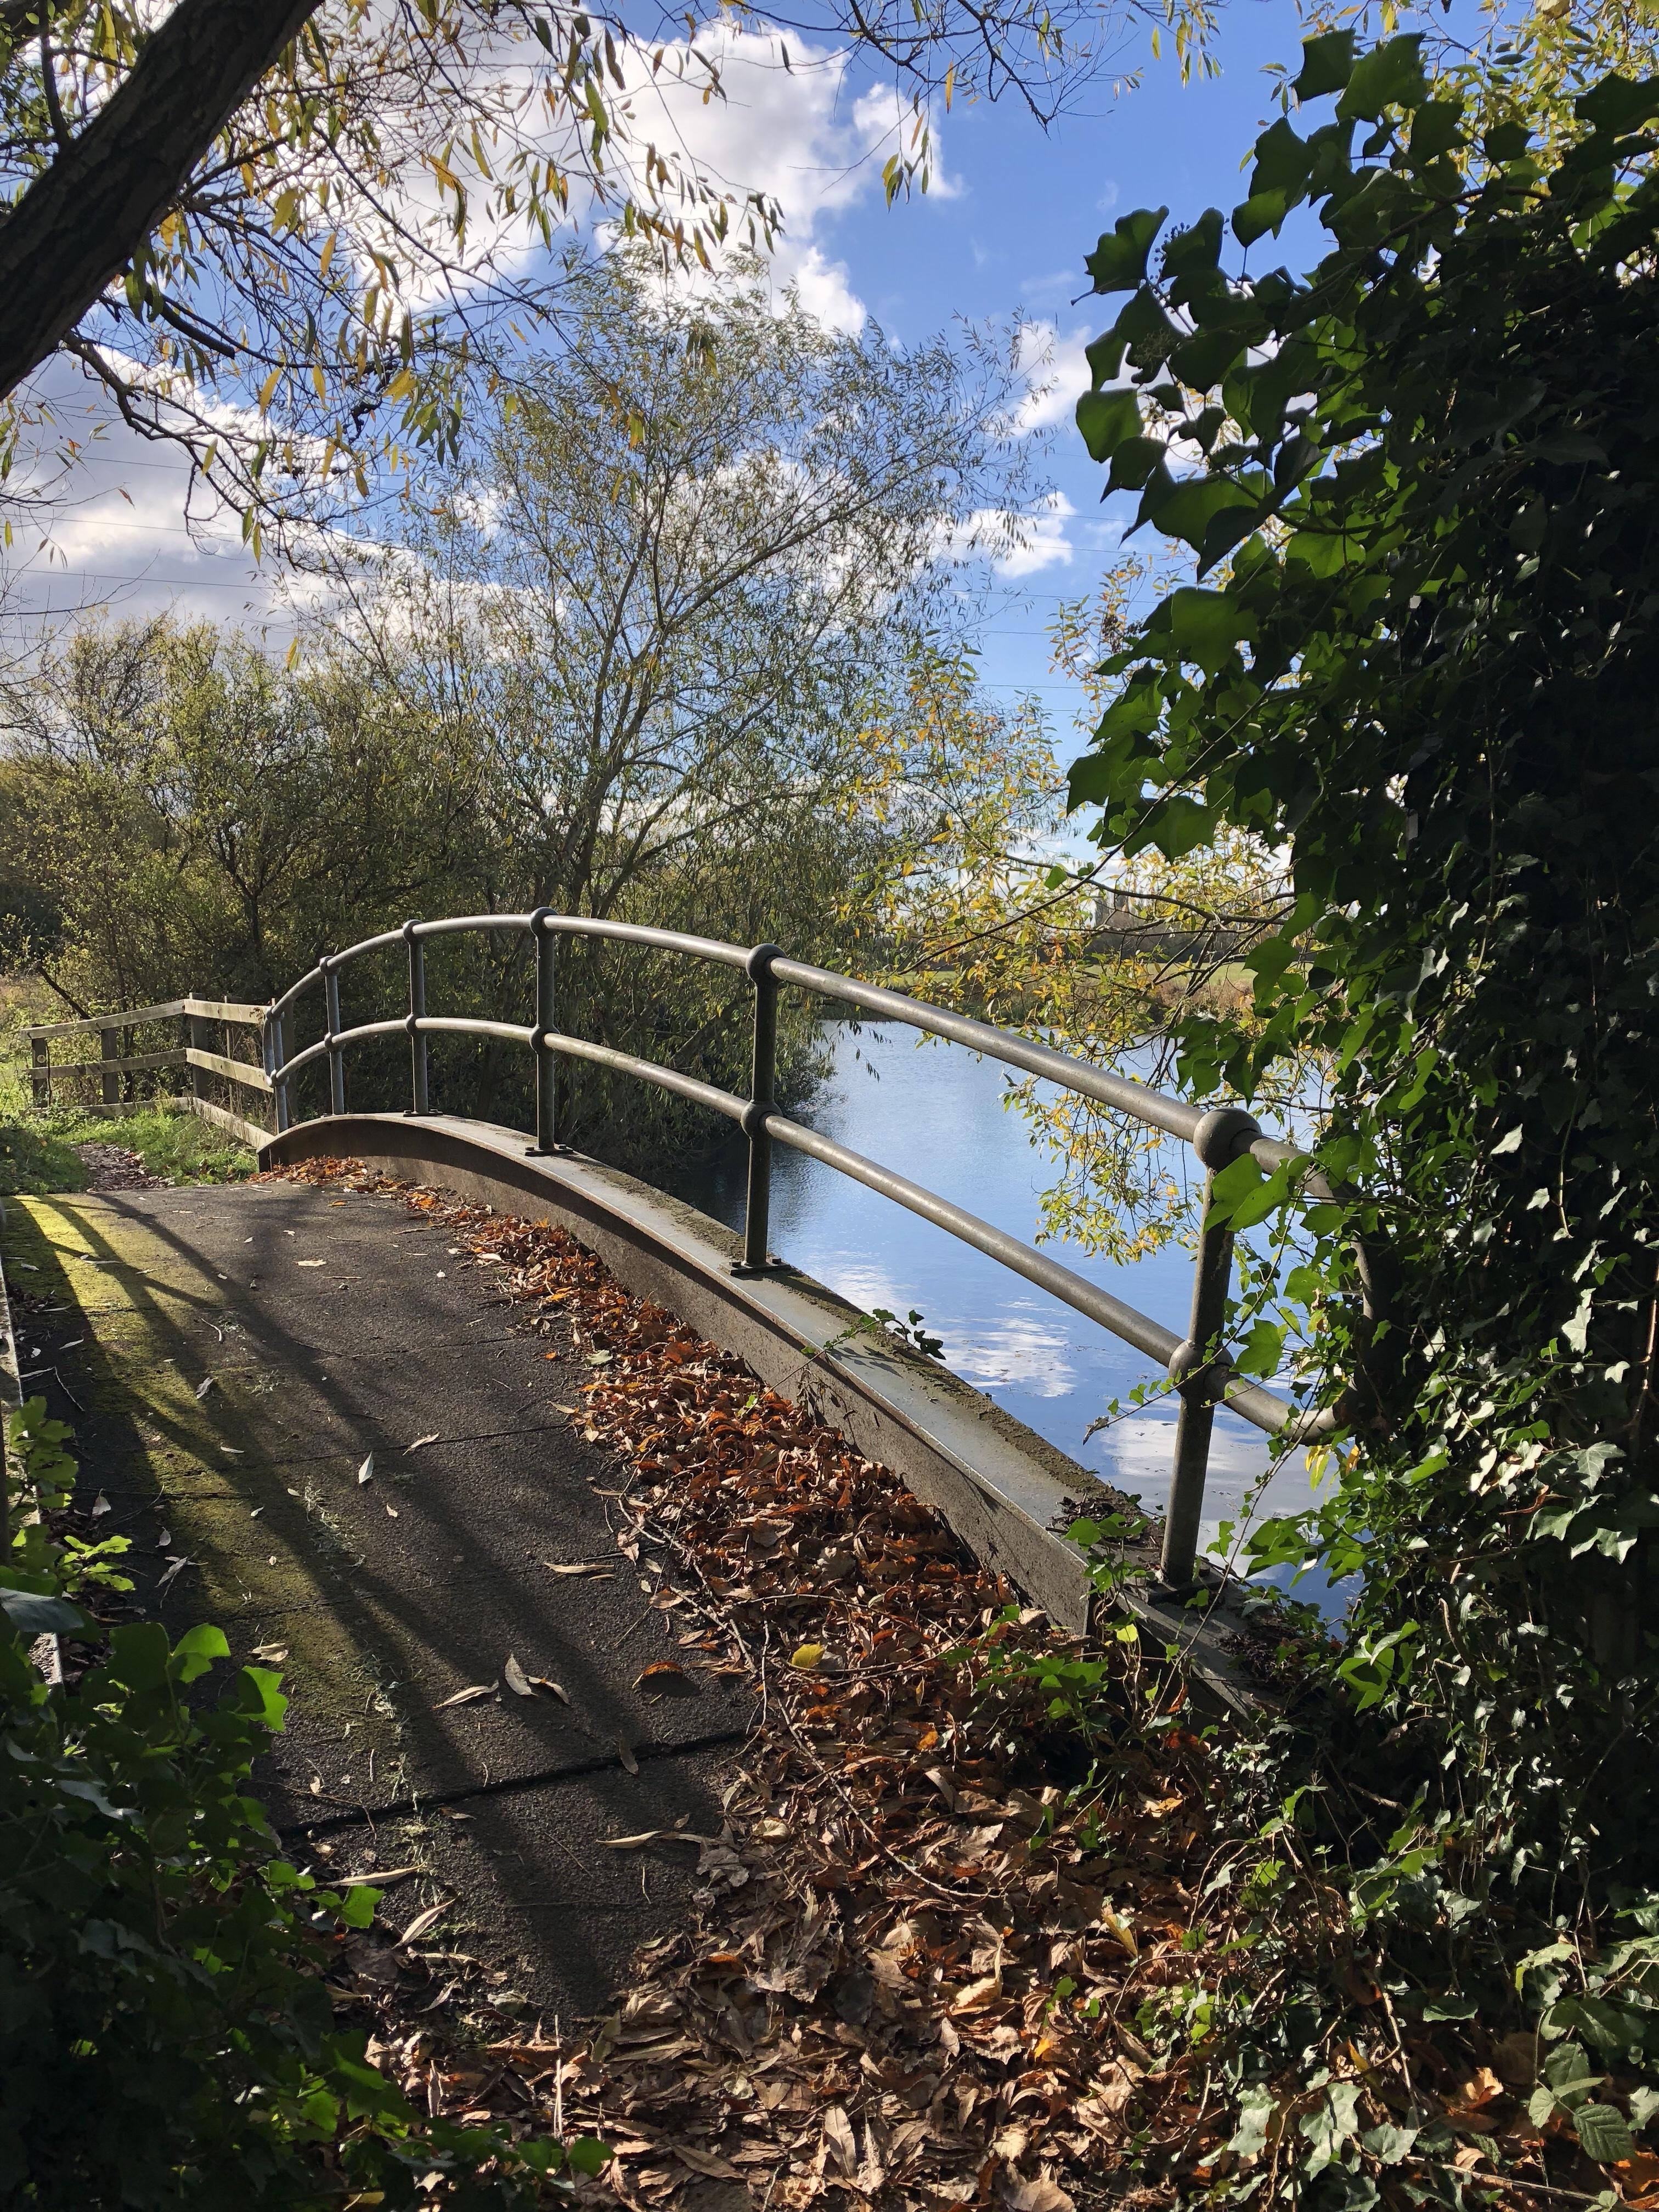 Bridge on the Thames footpath